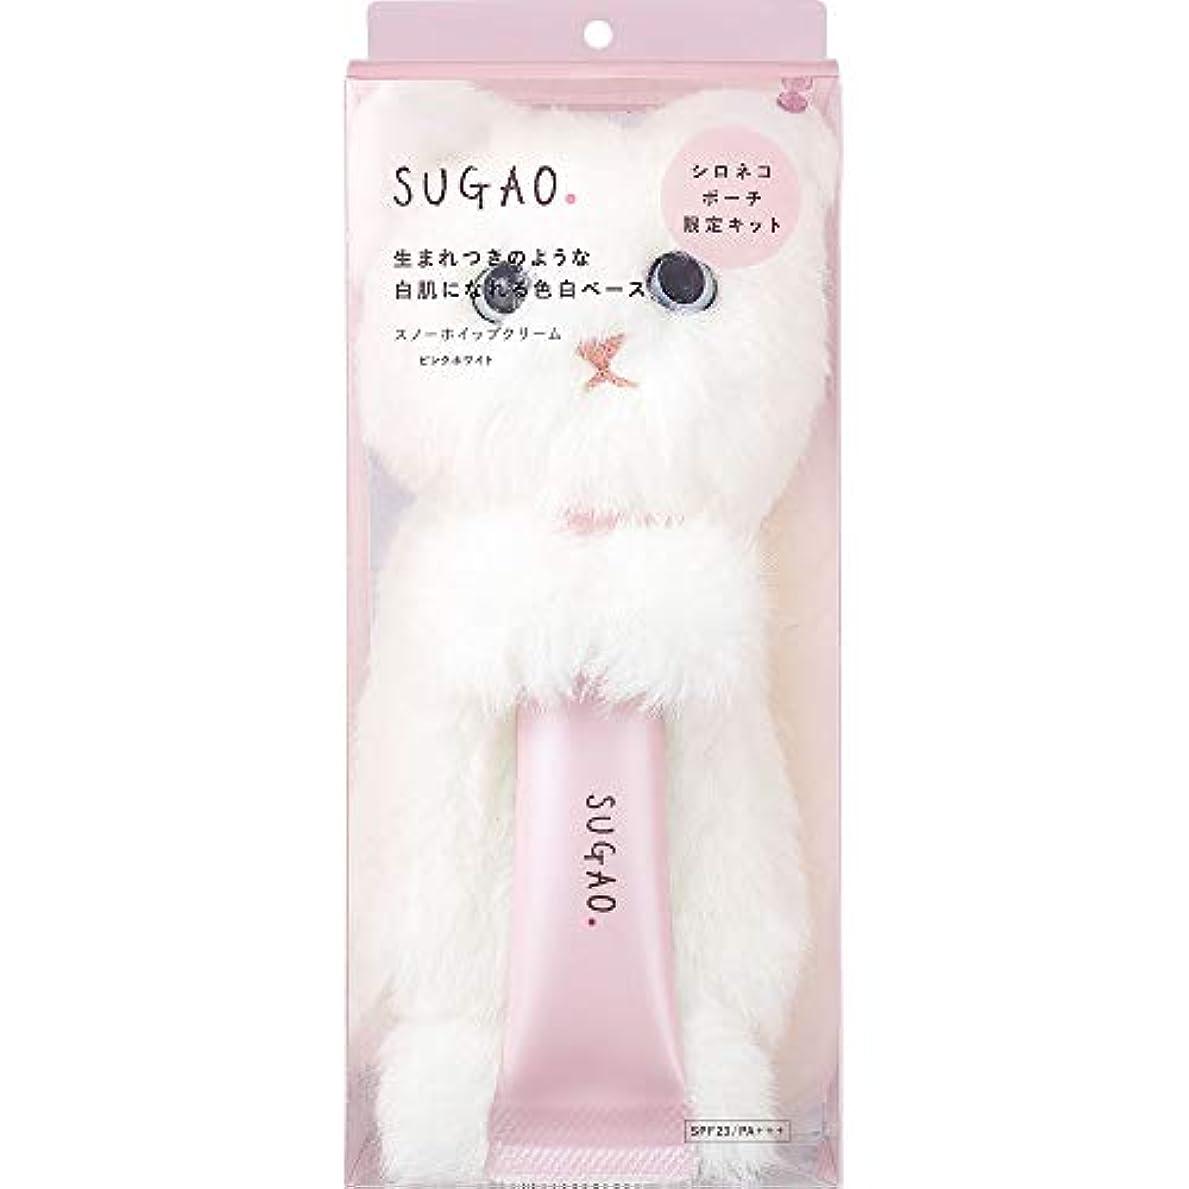 ロンドンこの未満スガオ (SUGAO) 化粧下地 スノーホイップクリーム シロネコポーチ付き